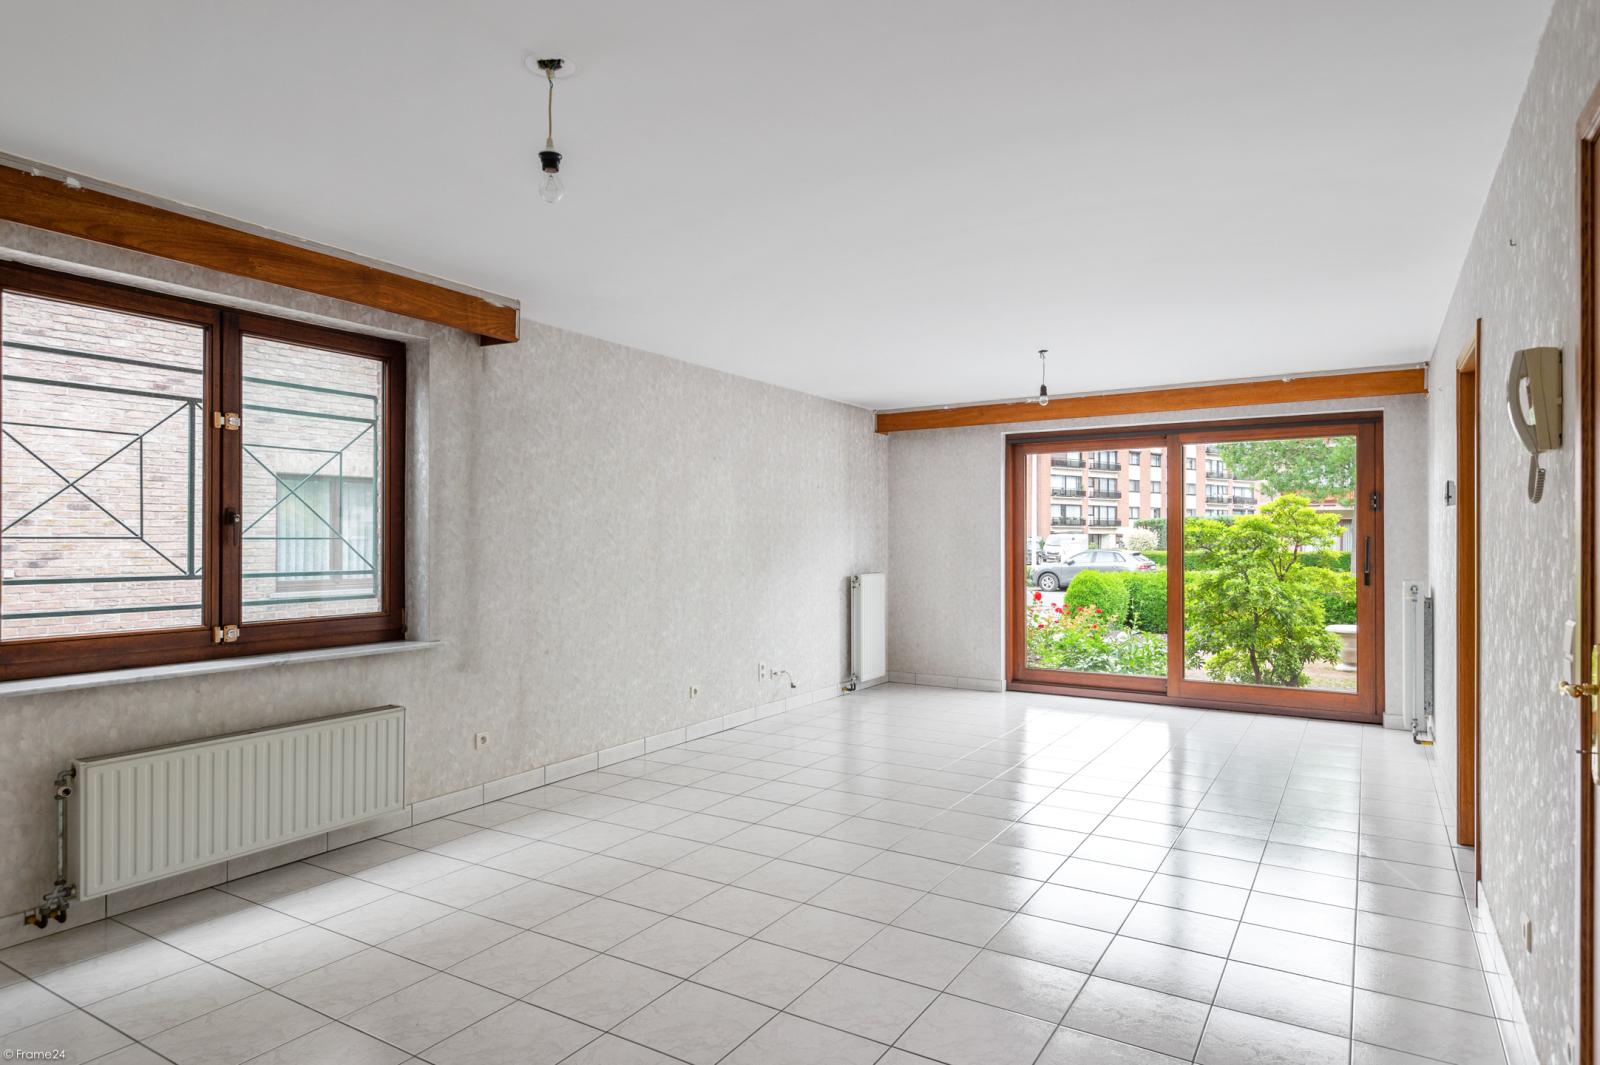 Zeer verzorgd en ruim gelijkvloers appartement (+/- 100m²) met tuin nabij het centrum van Schoten! afbeelding 3